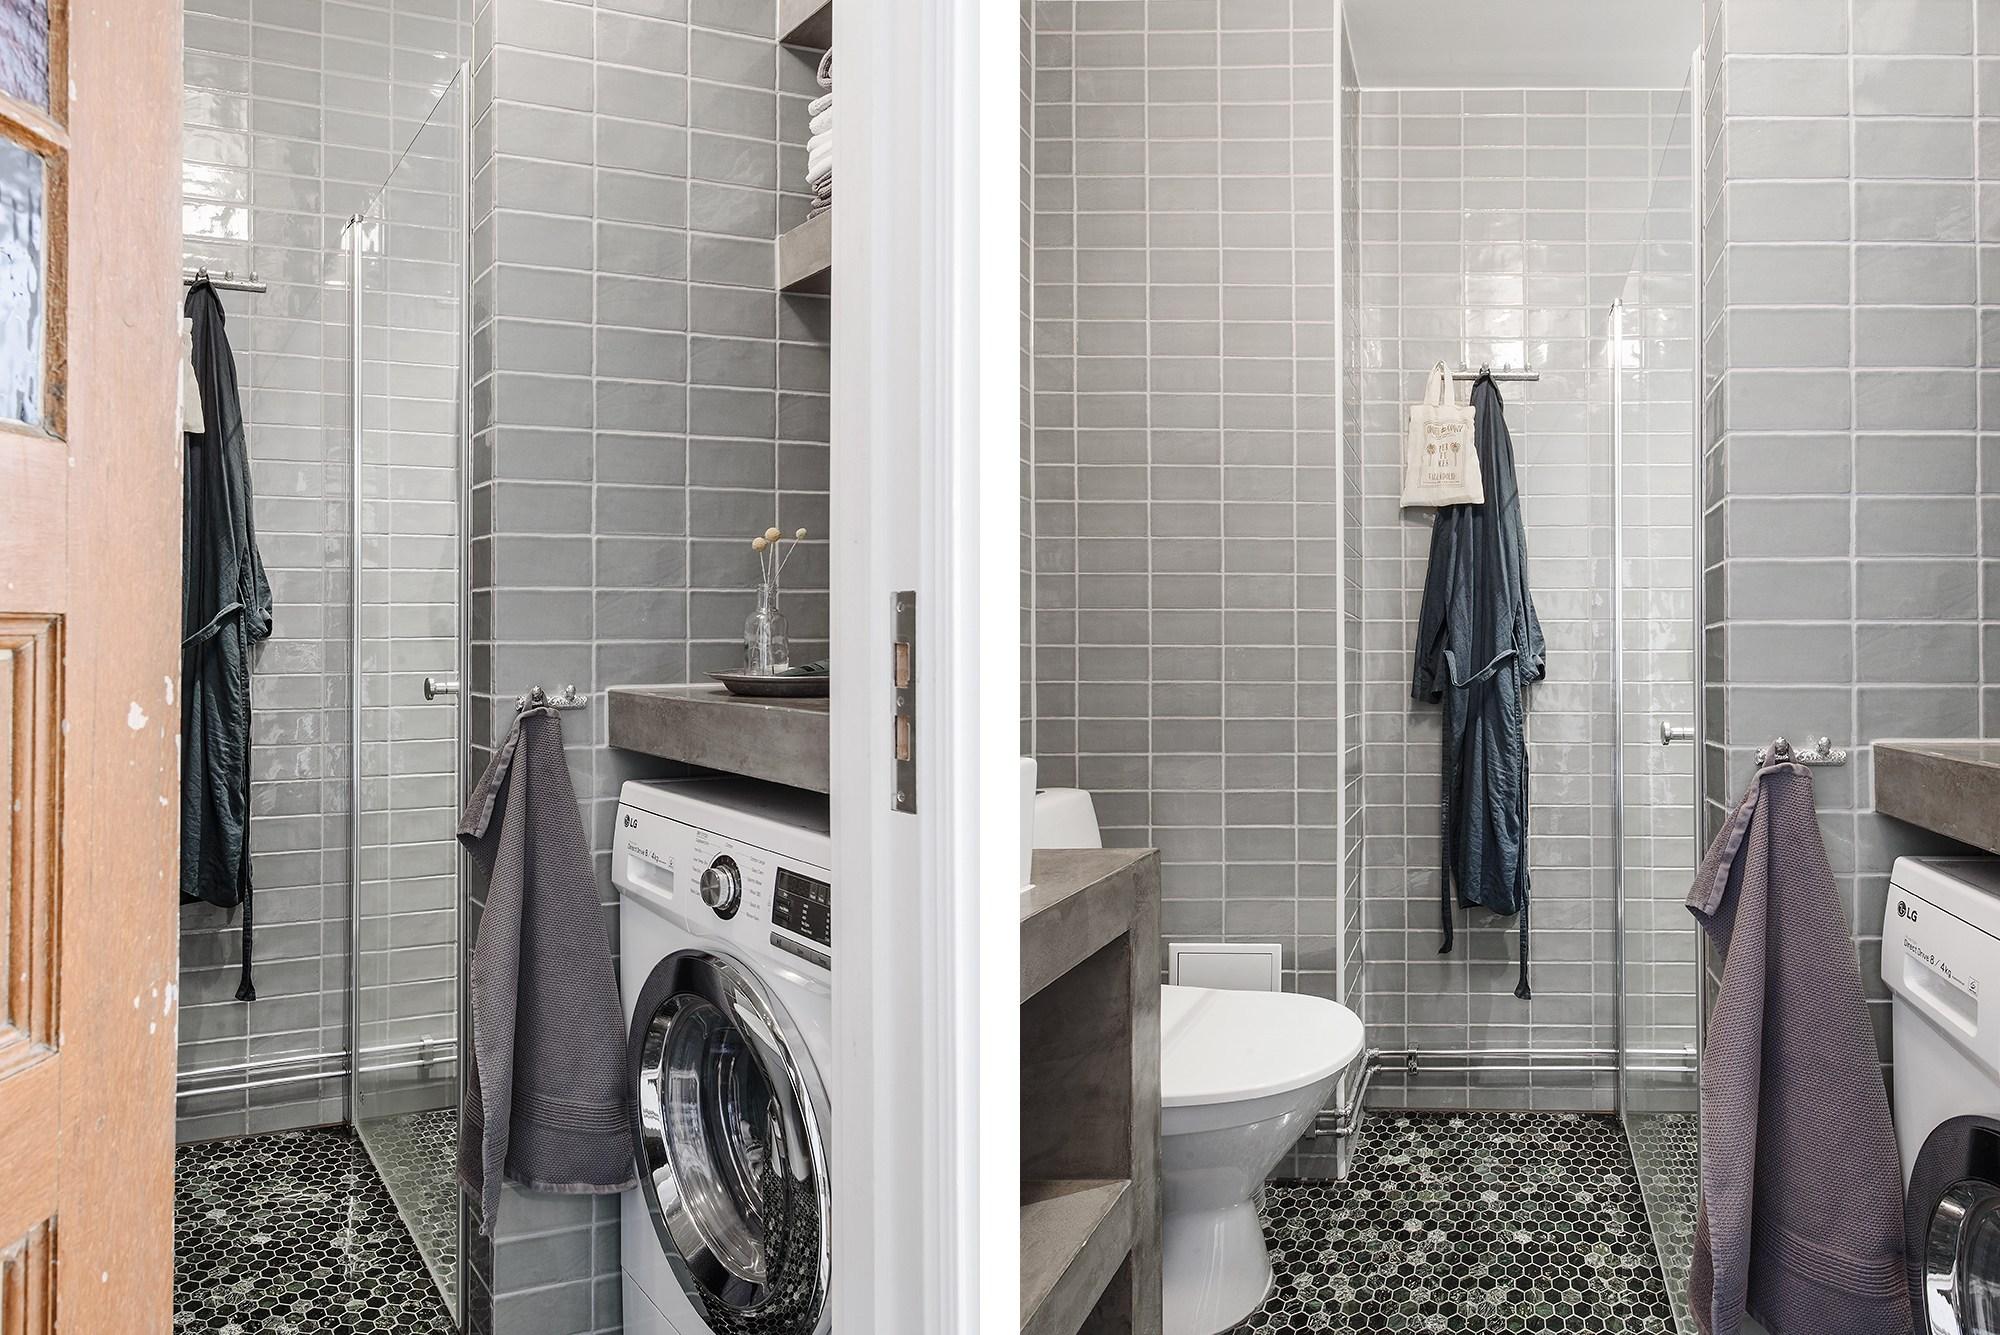 Tận dụng đồ cũ, căn hộ 42m² vẫn đẹp cá tính từng góc nhỏ - Ảnh 16.